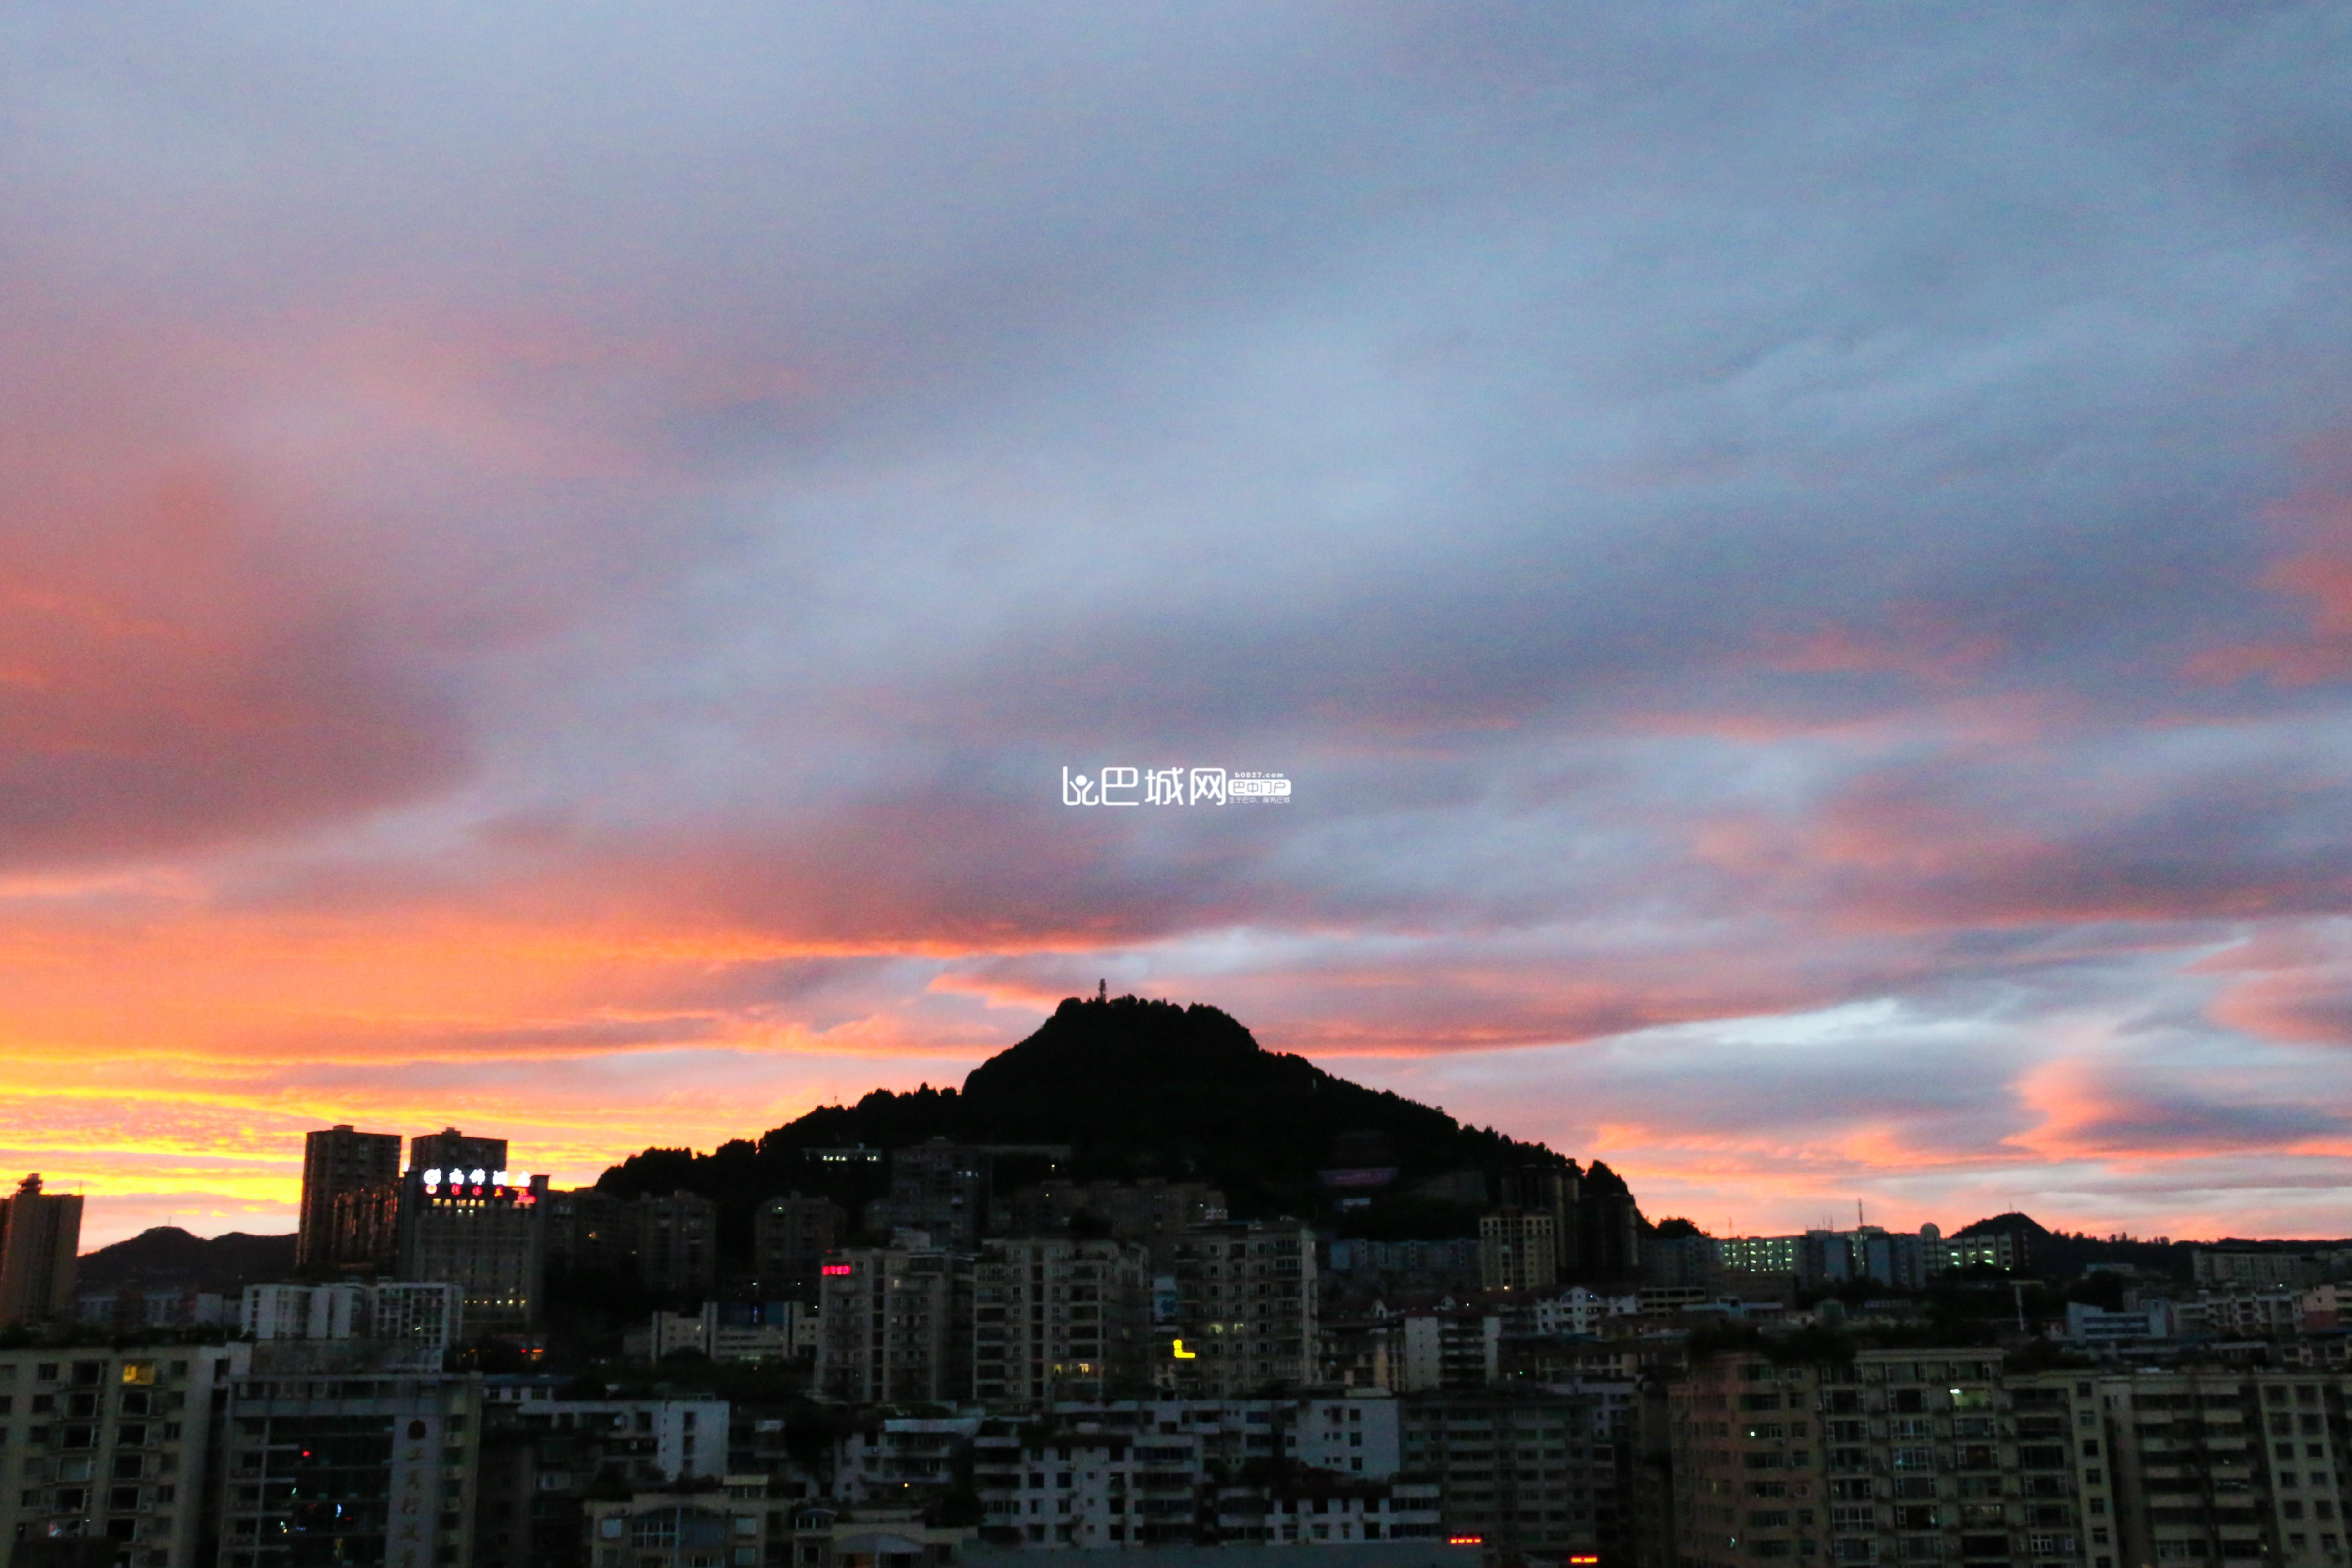 背景 壁纸 风景 气候 气象 天空 桌面 5016_3344